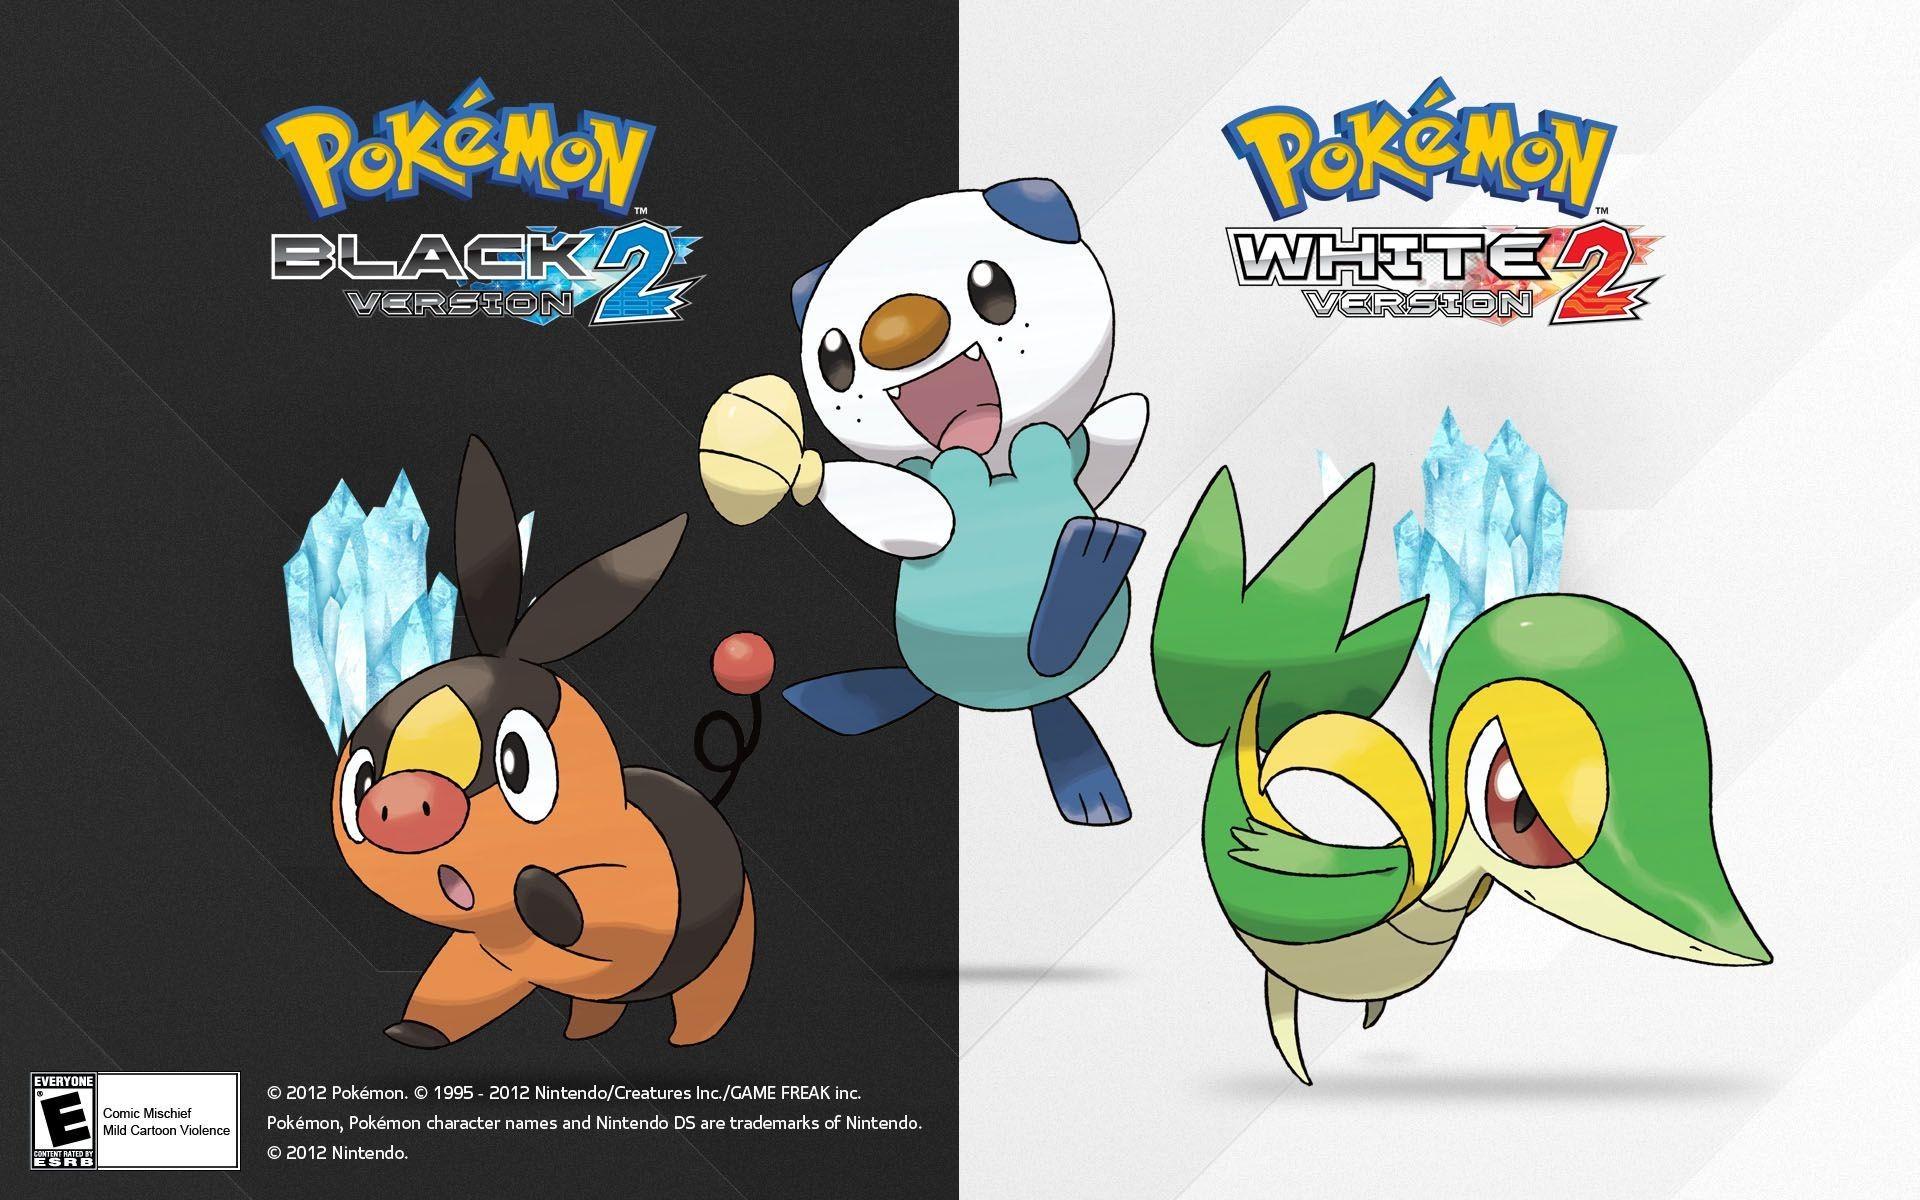 Pokemon Black and White 2 Wallpaper (HD)